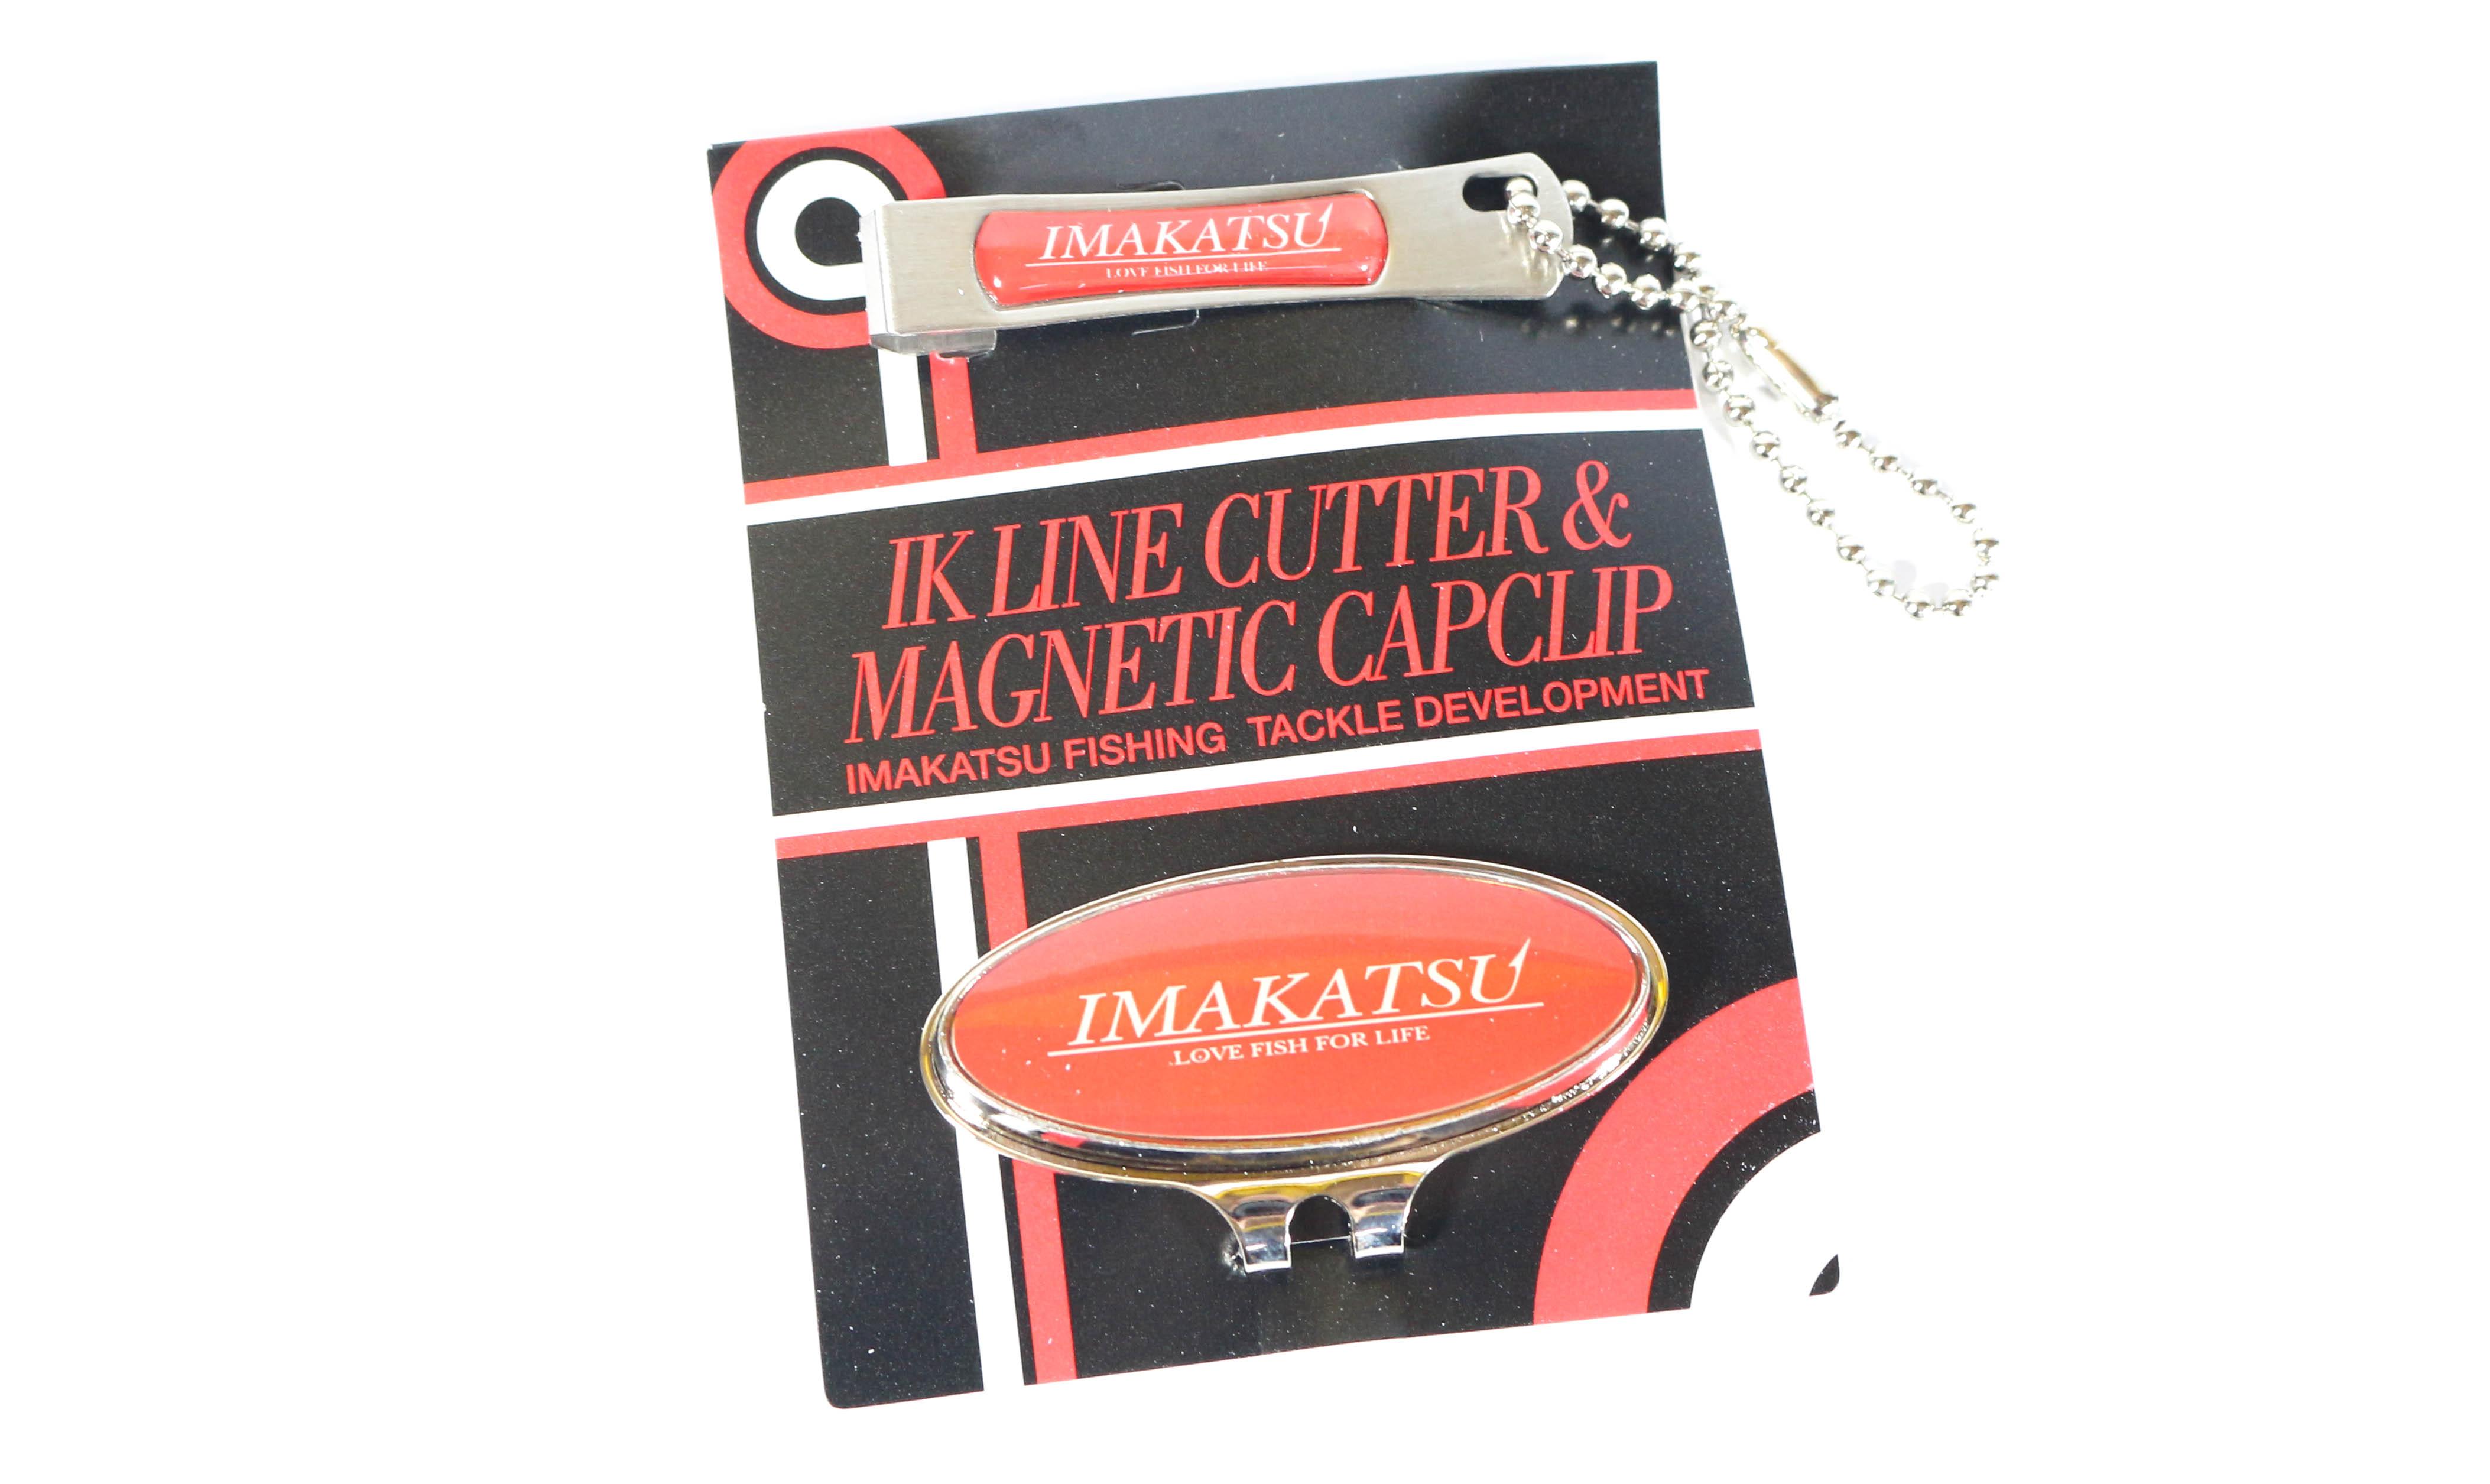 Imakatsu Line Cutter Magnetic Cap Clip Red (3829)